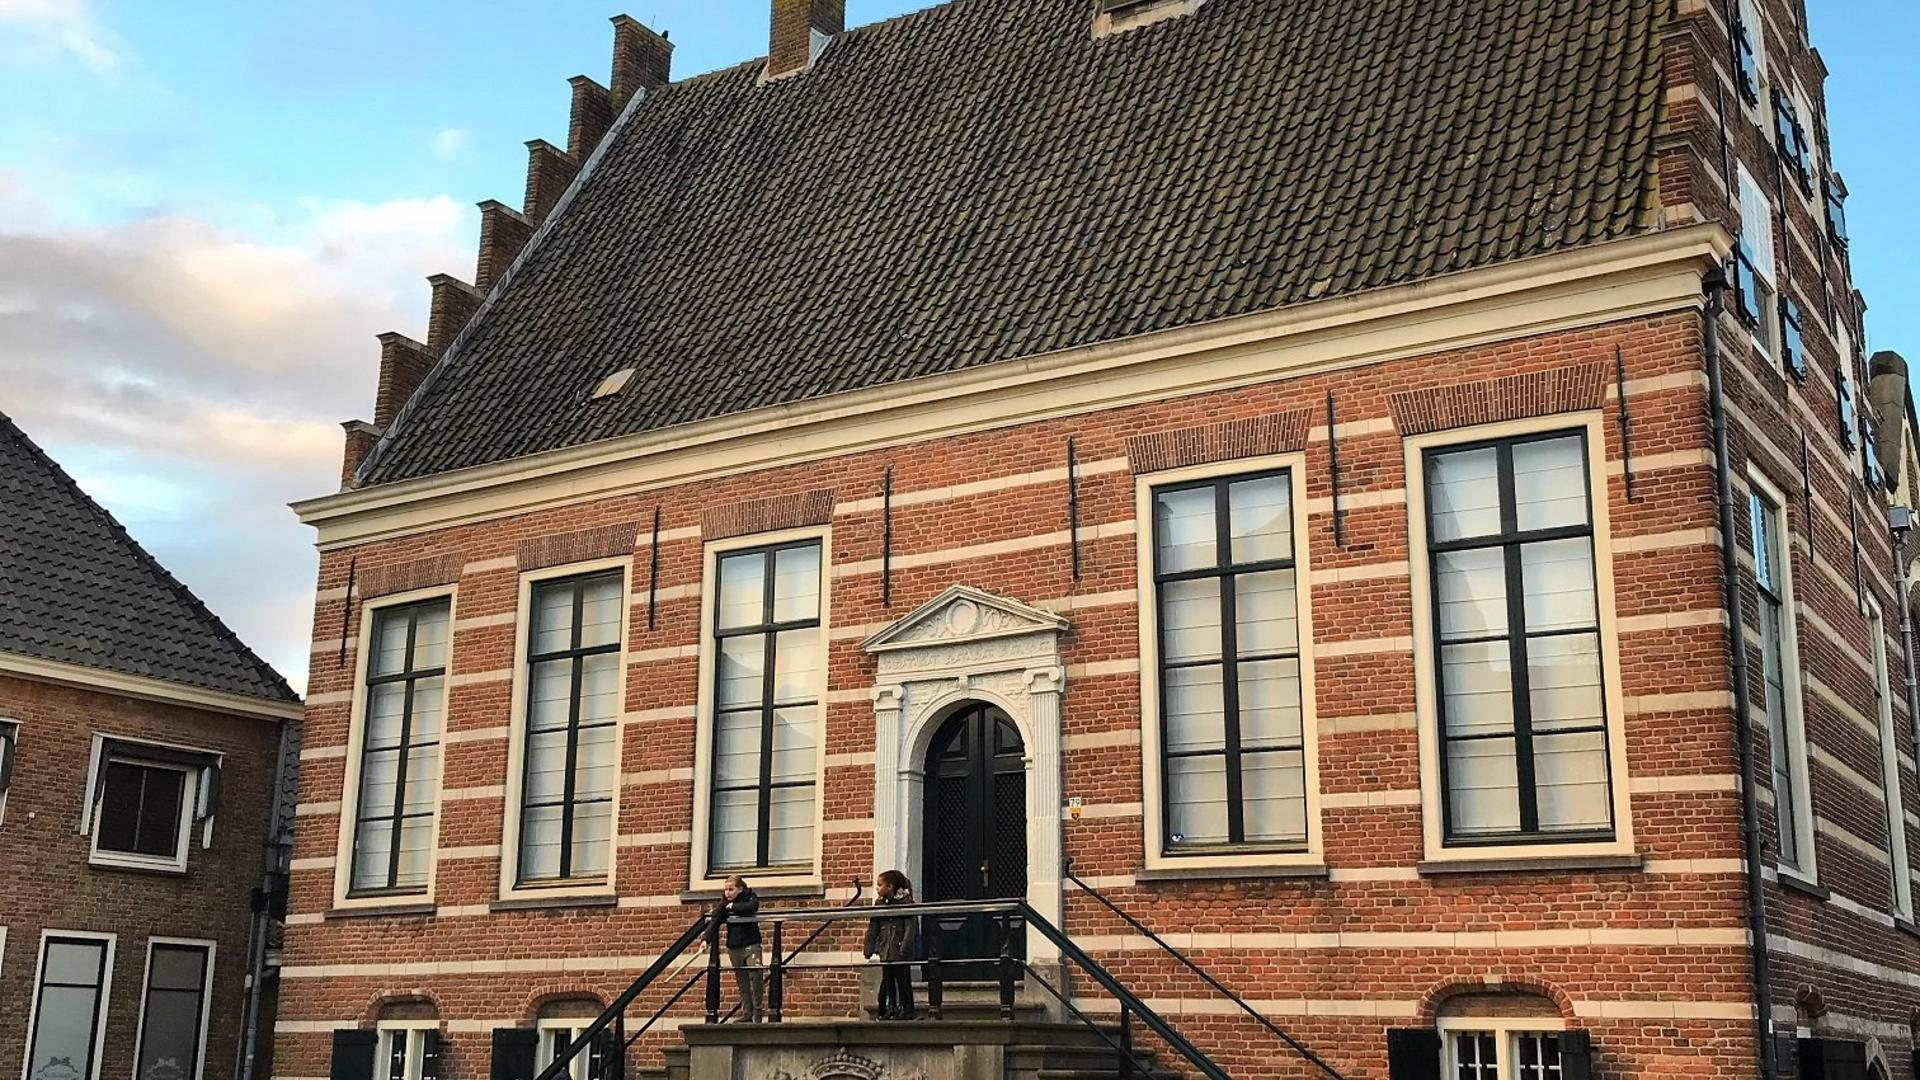 historisch-stadhuis-avl-low-res.jpg